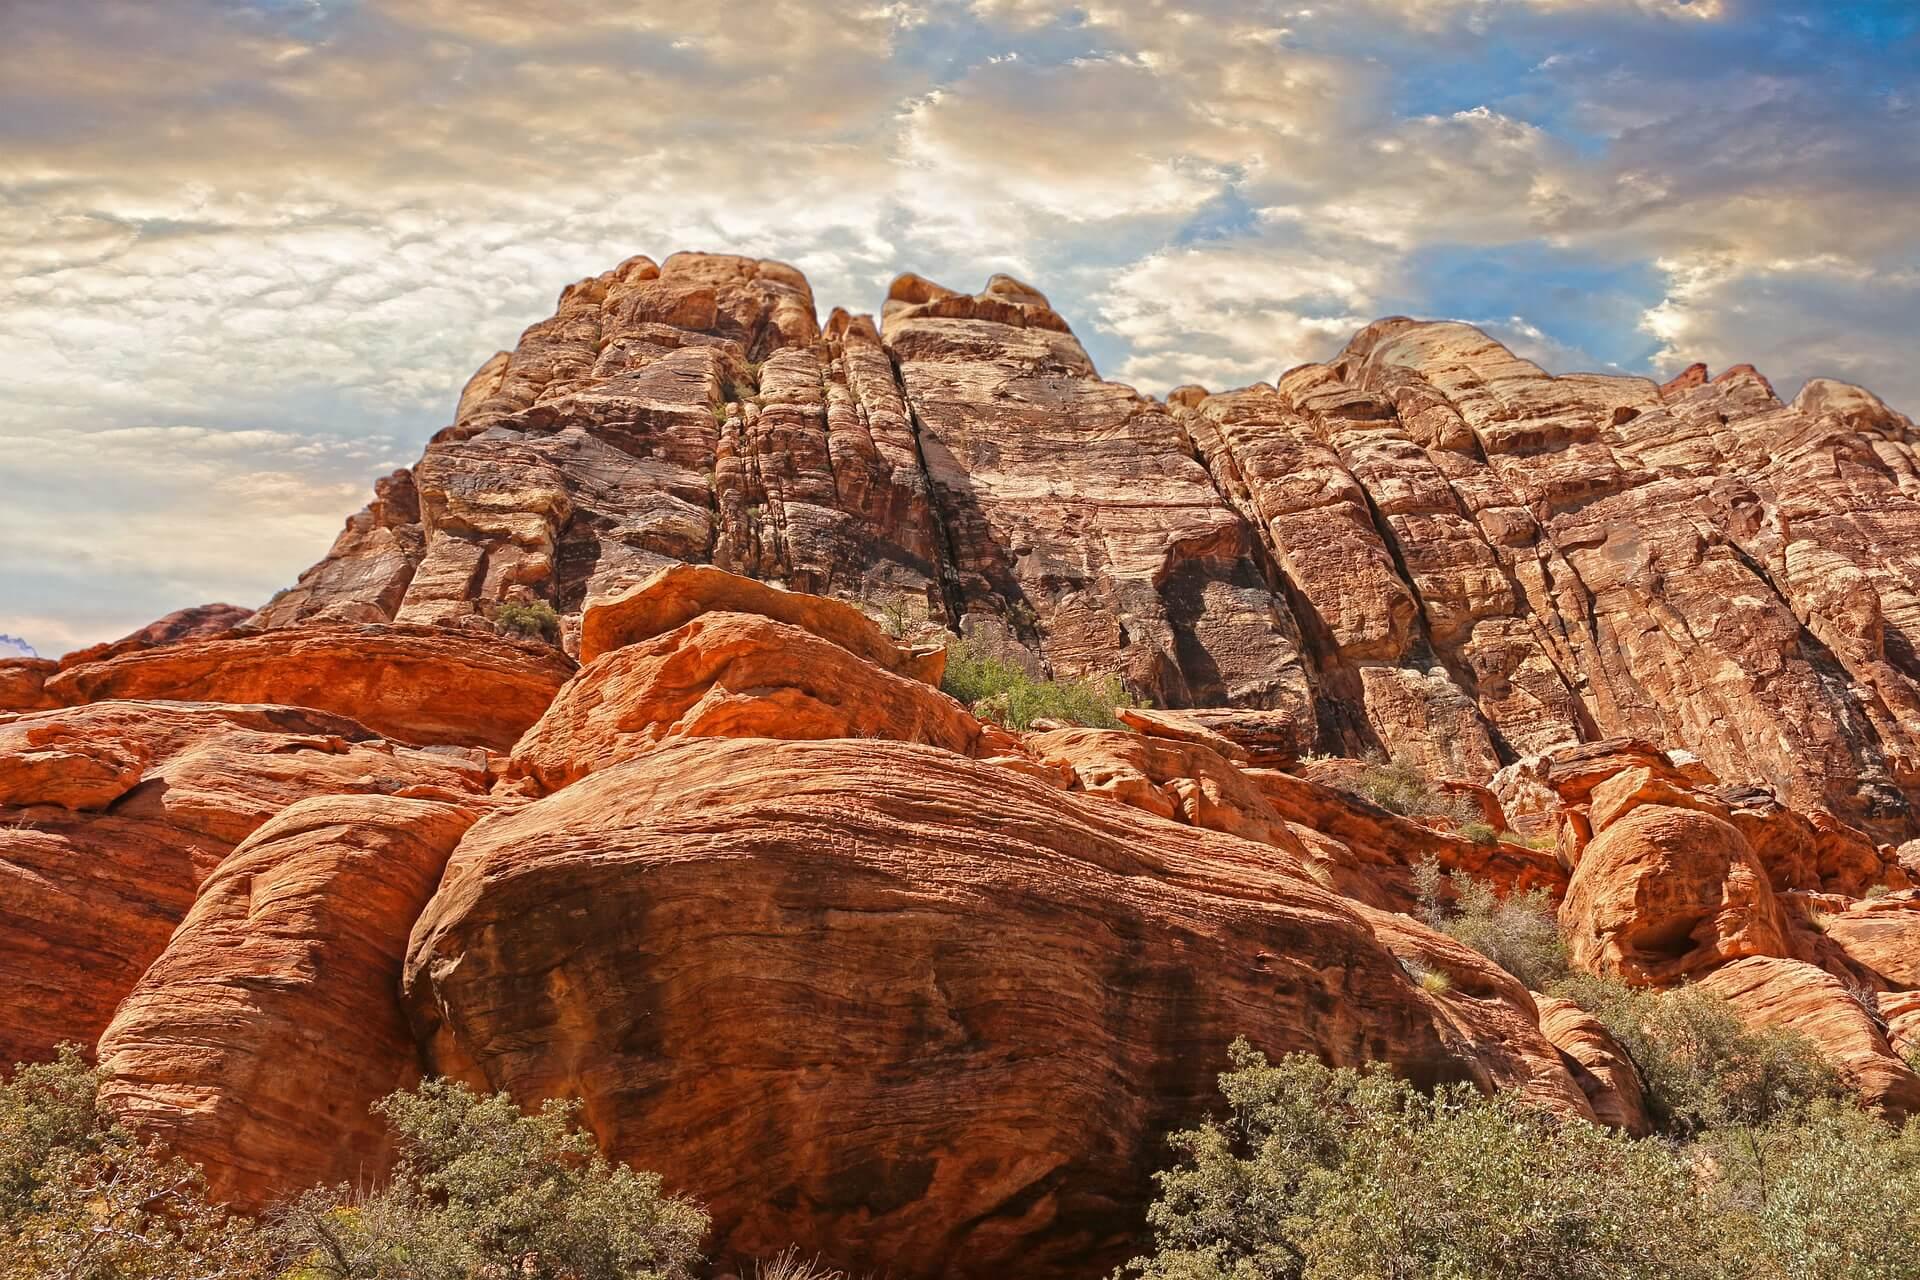 mountains-1303620_1920 (3)